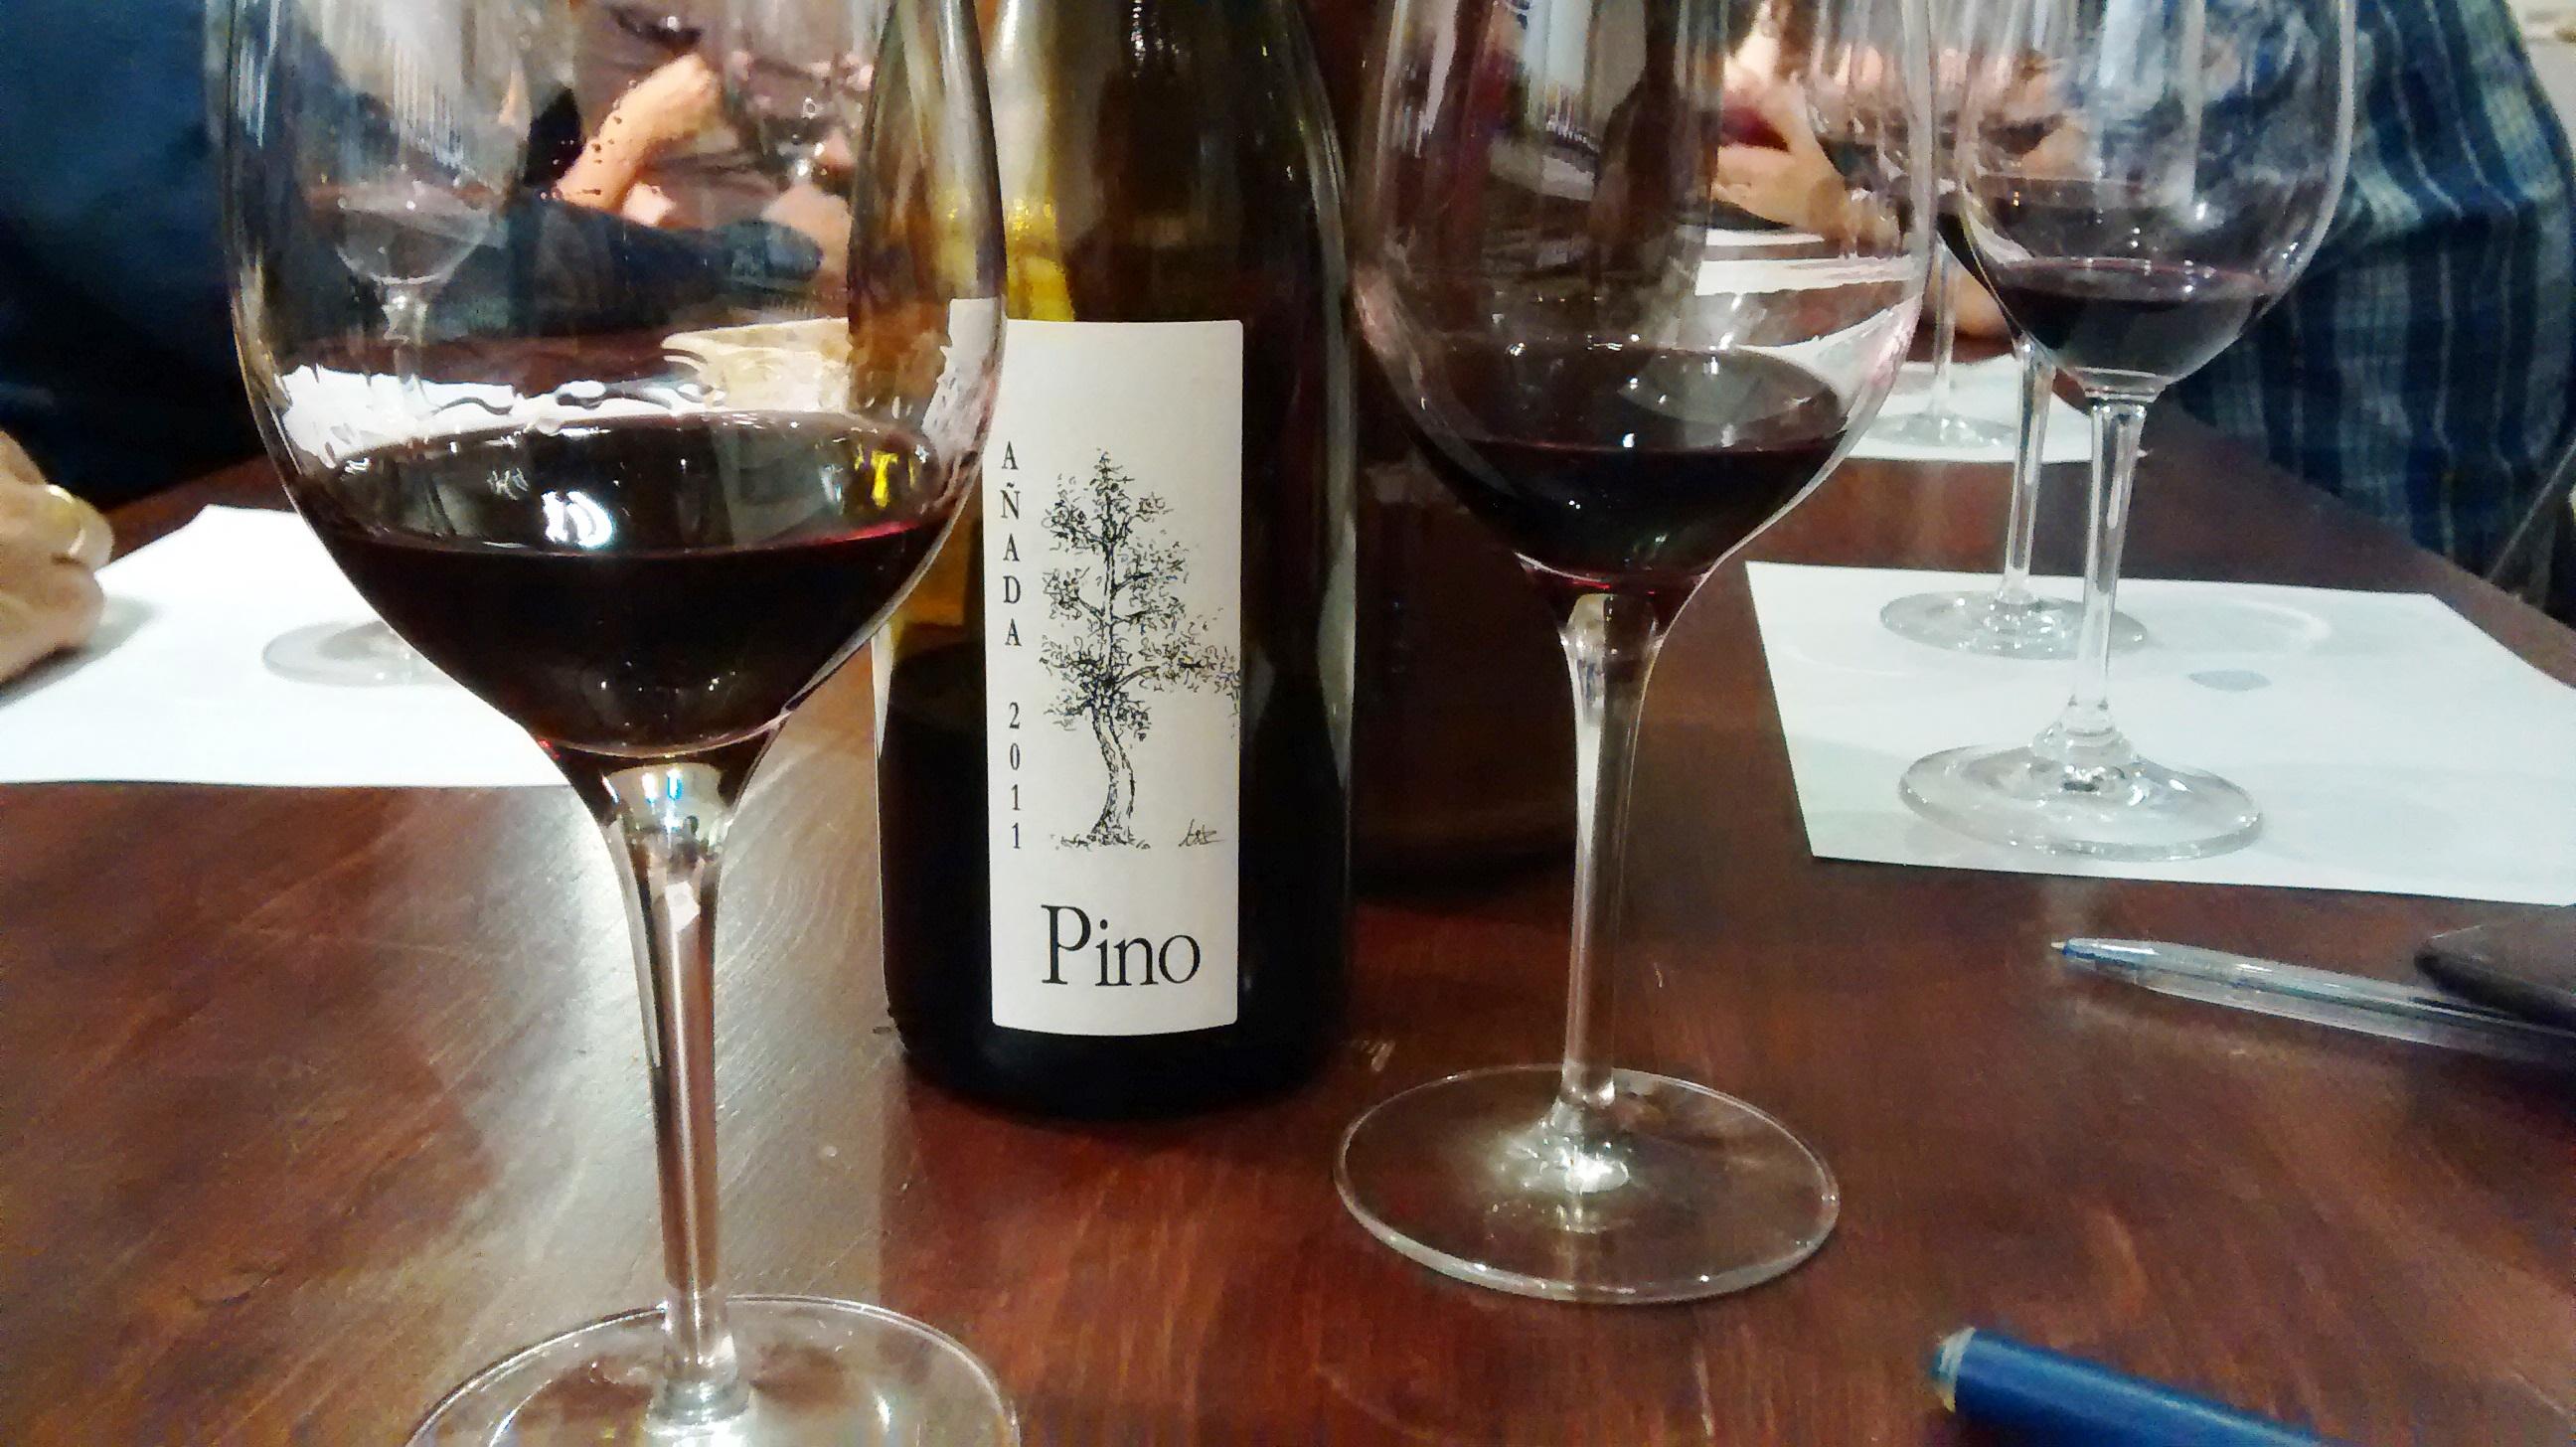 Copas de Pino 2011 y Pino 2012 de Juan Antonio Ponce